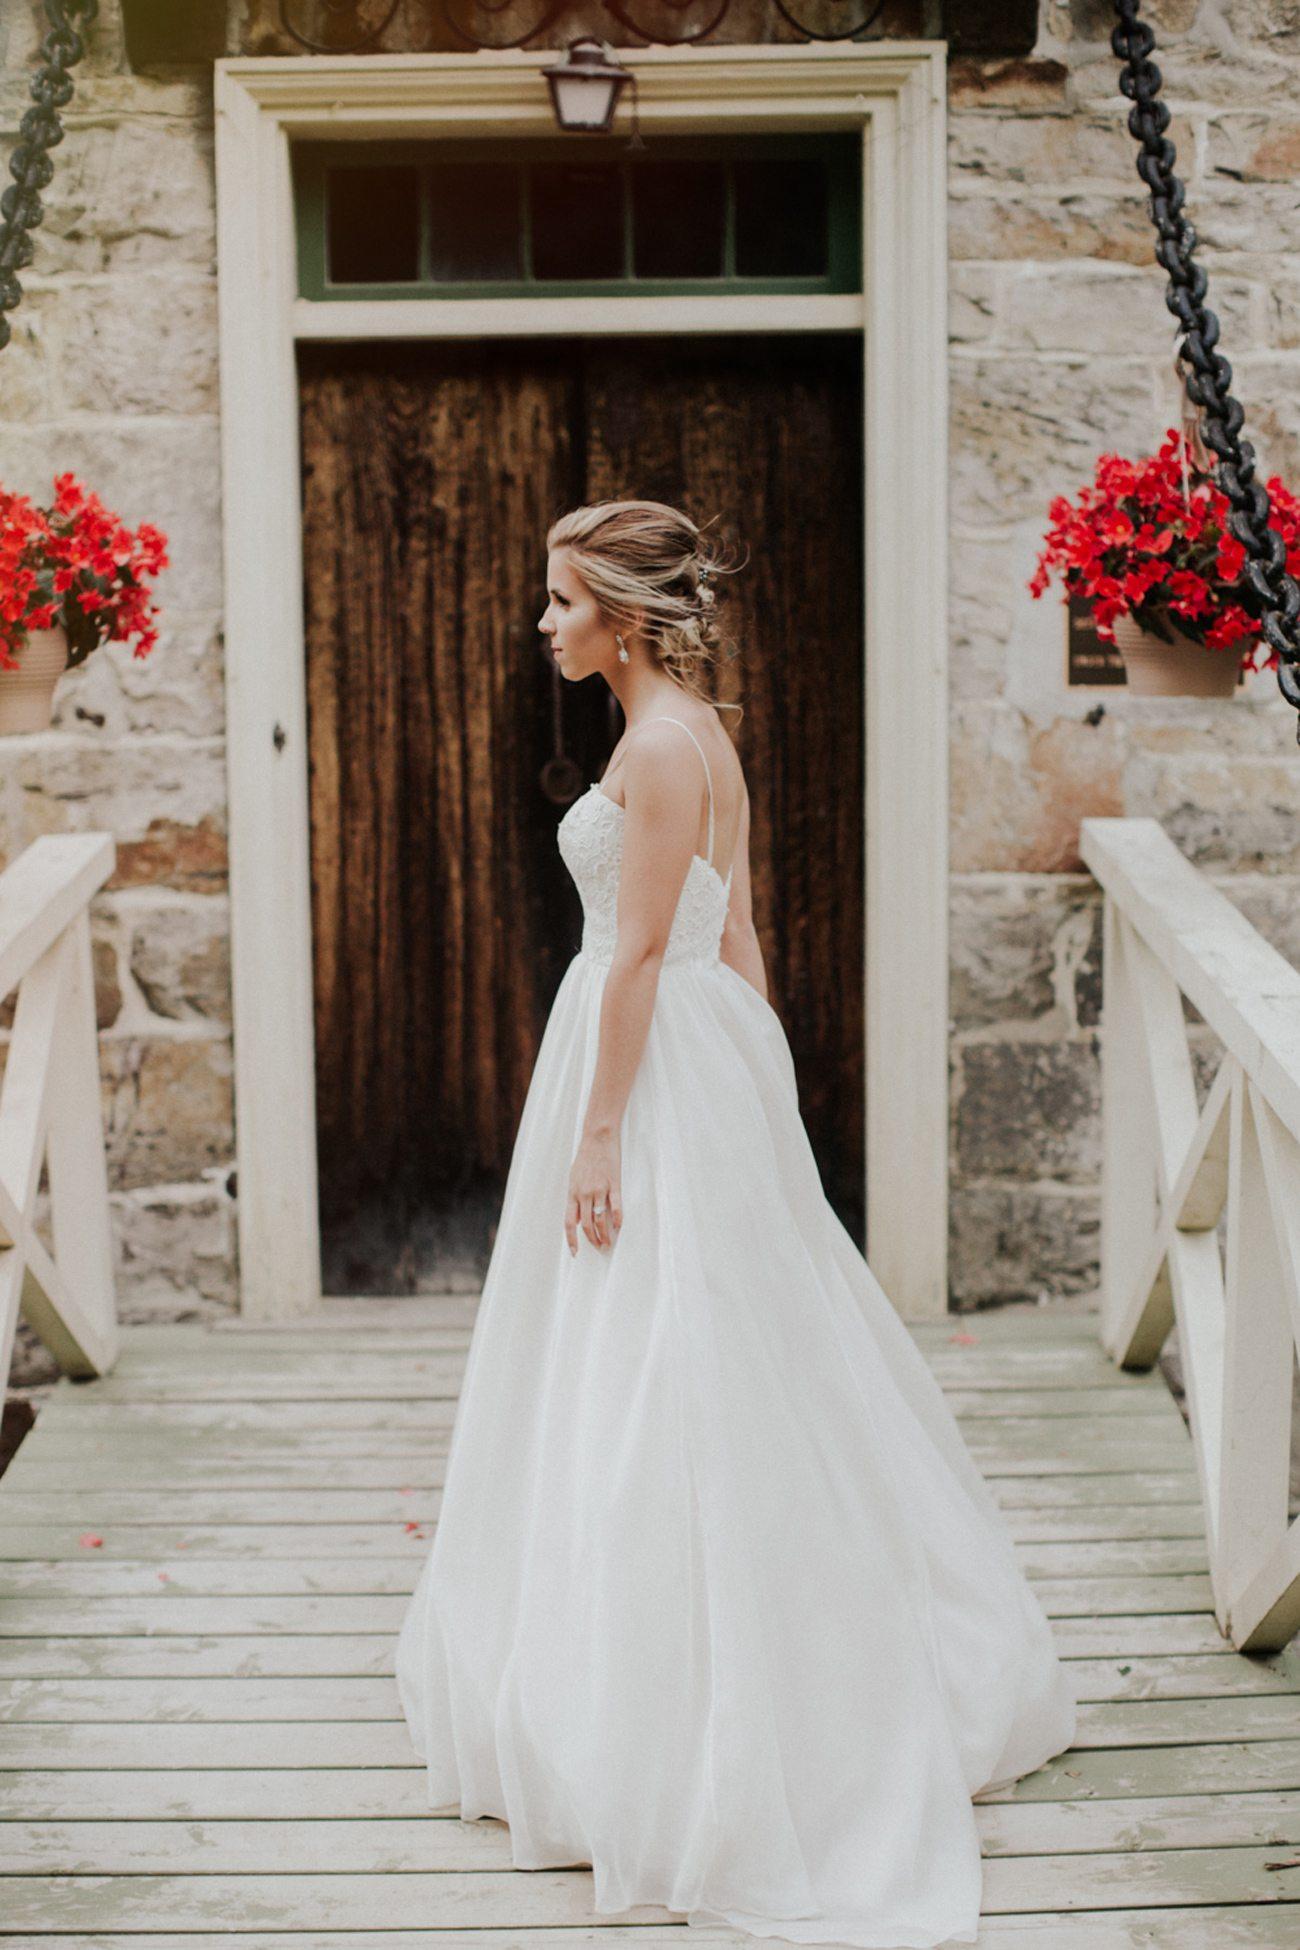 311-victoria-wedding-photographer